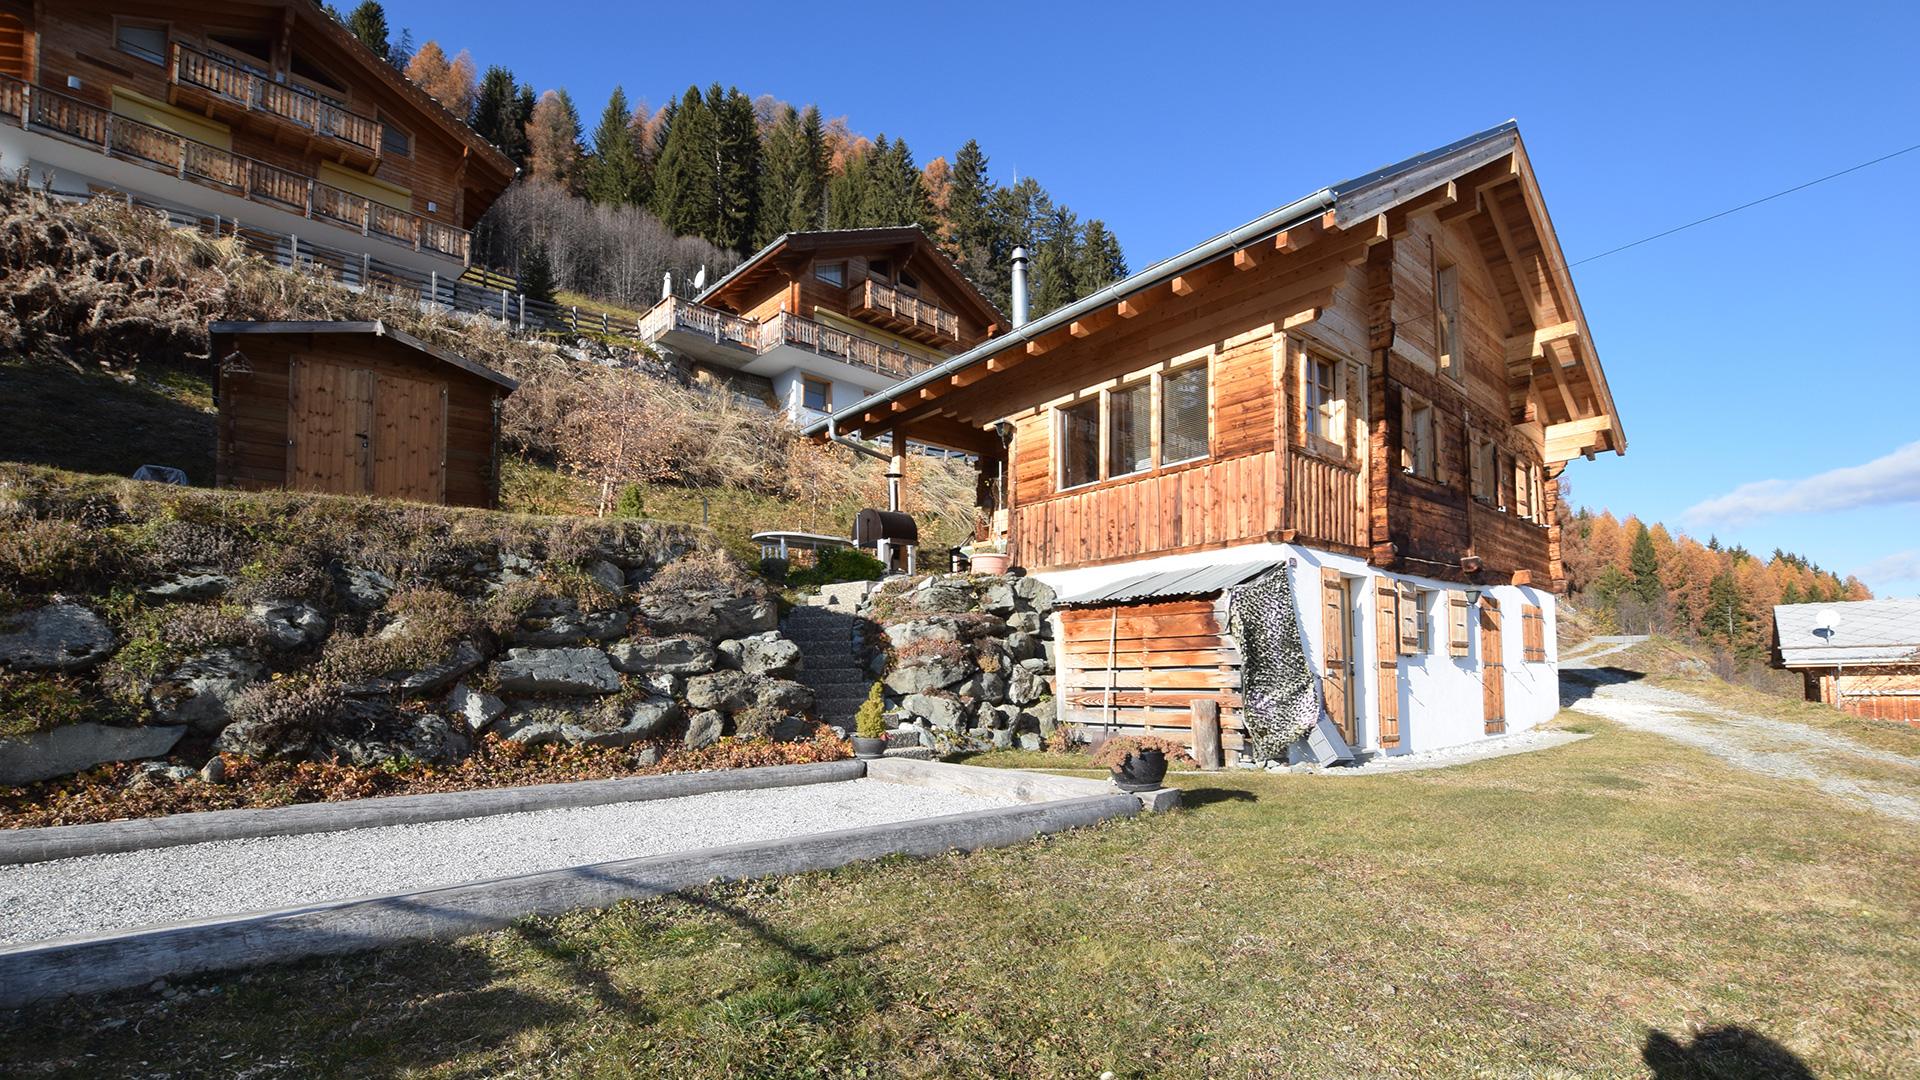 Chalet Etienne Chalet, Switzerland